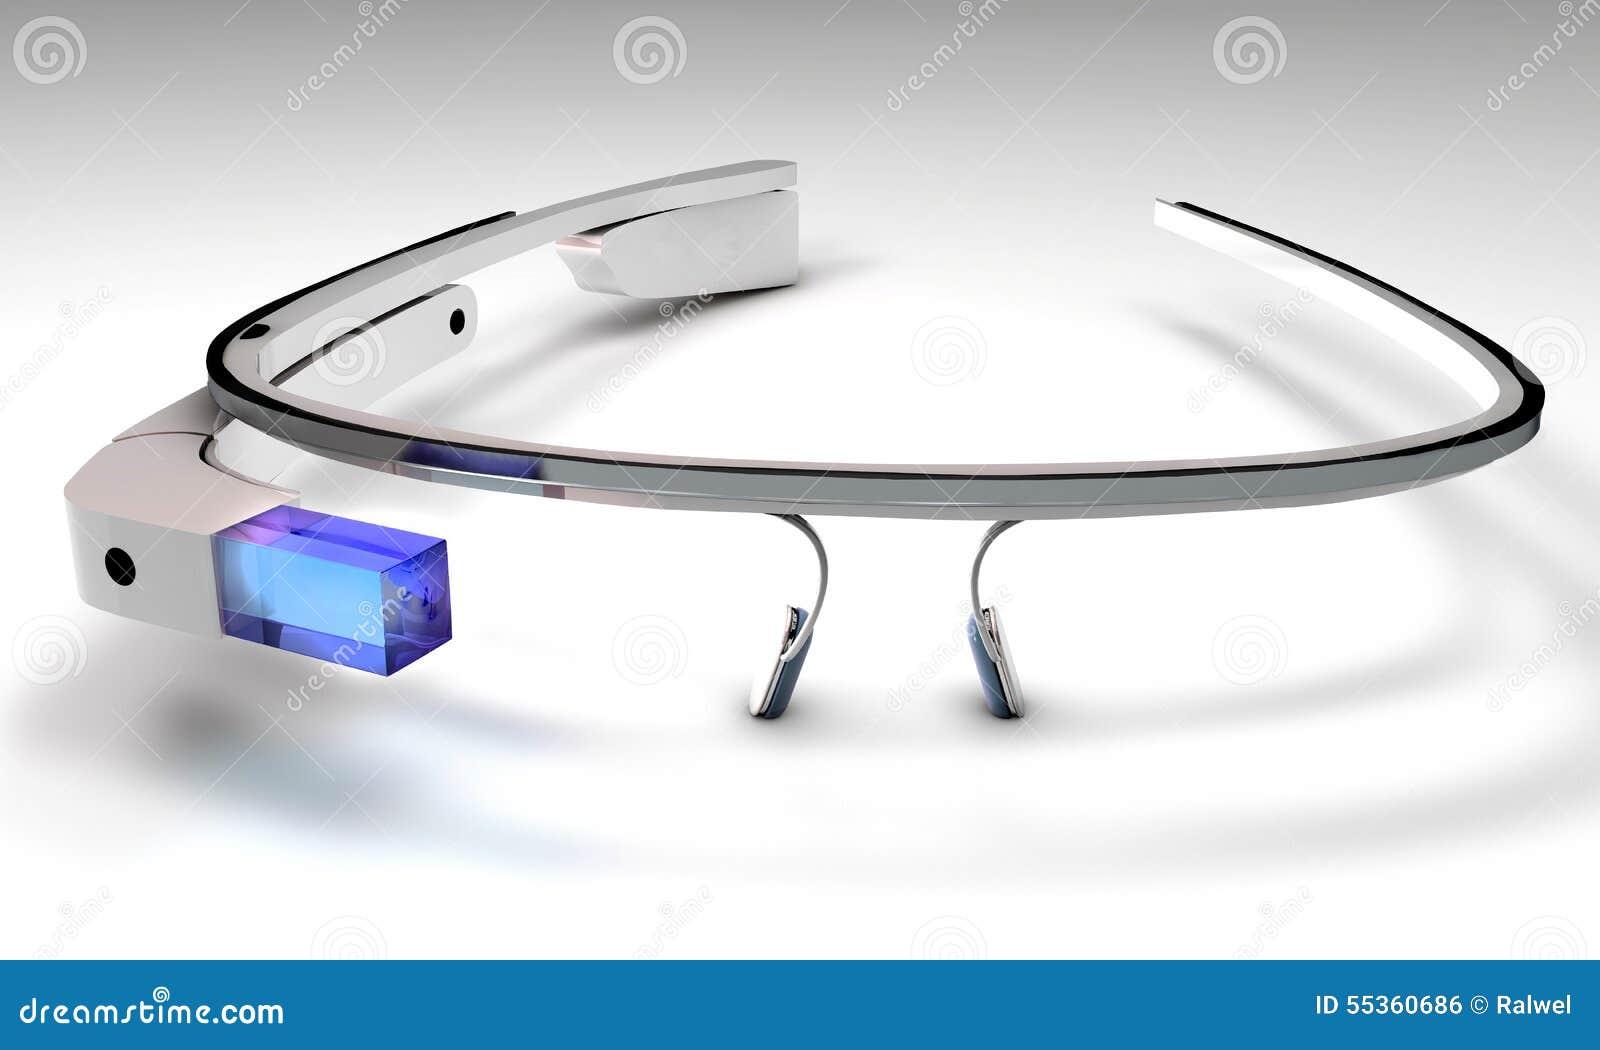 Tecnologie informatiche portabili con un esposizione testa-montata ottica